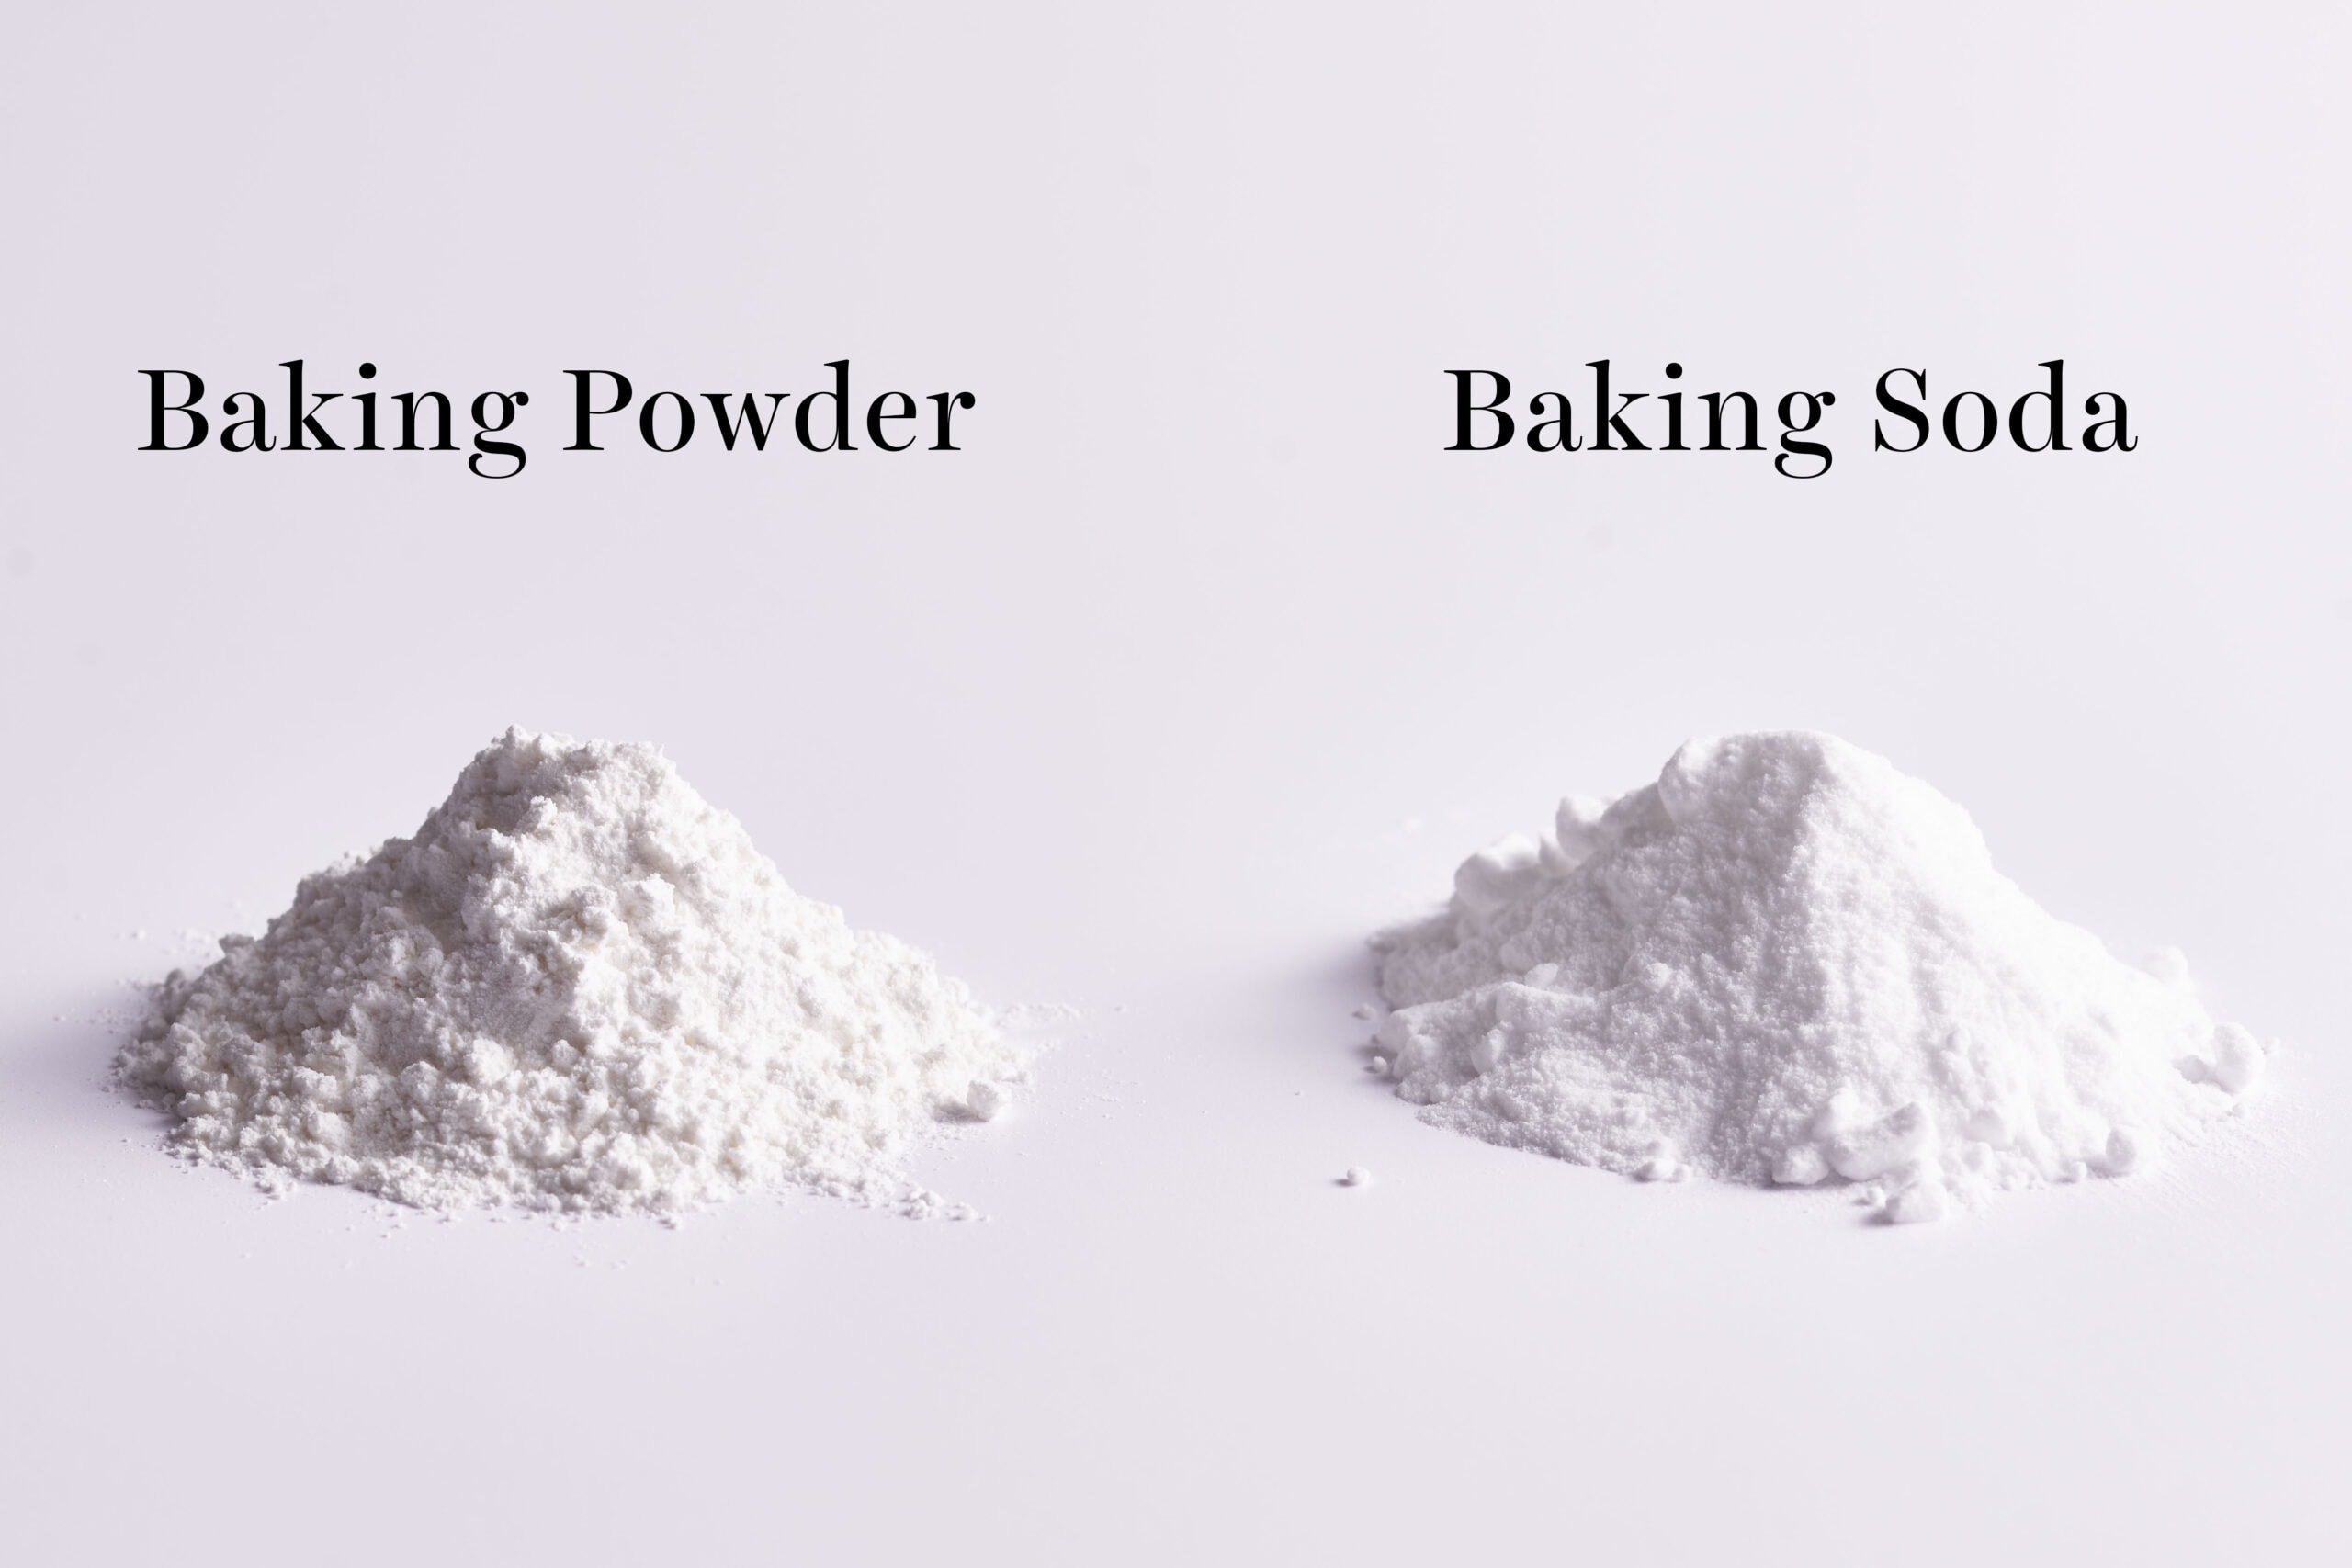 pile of baking powder vs pile of baking soda